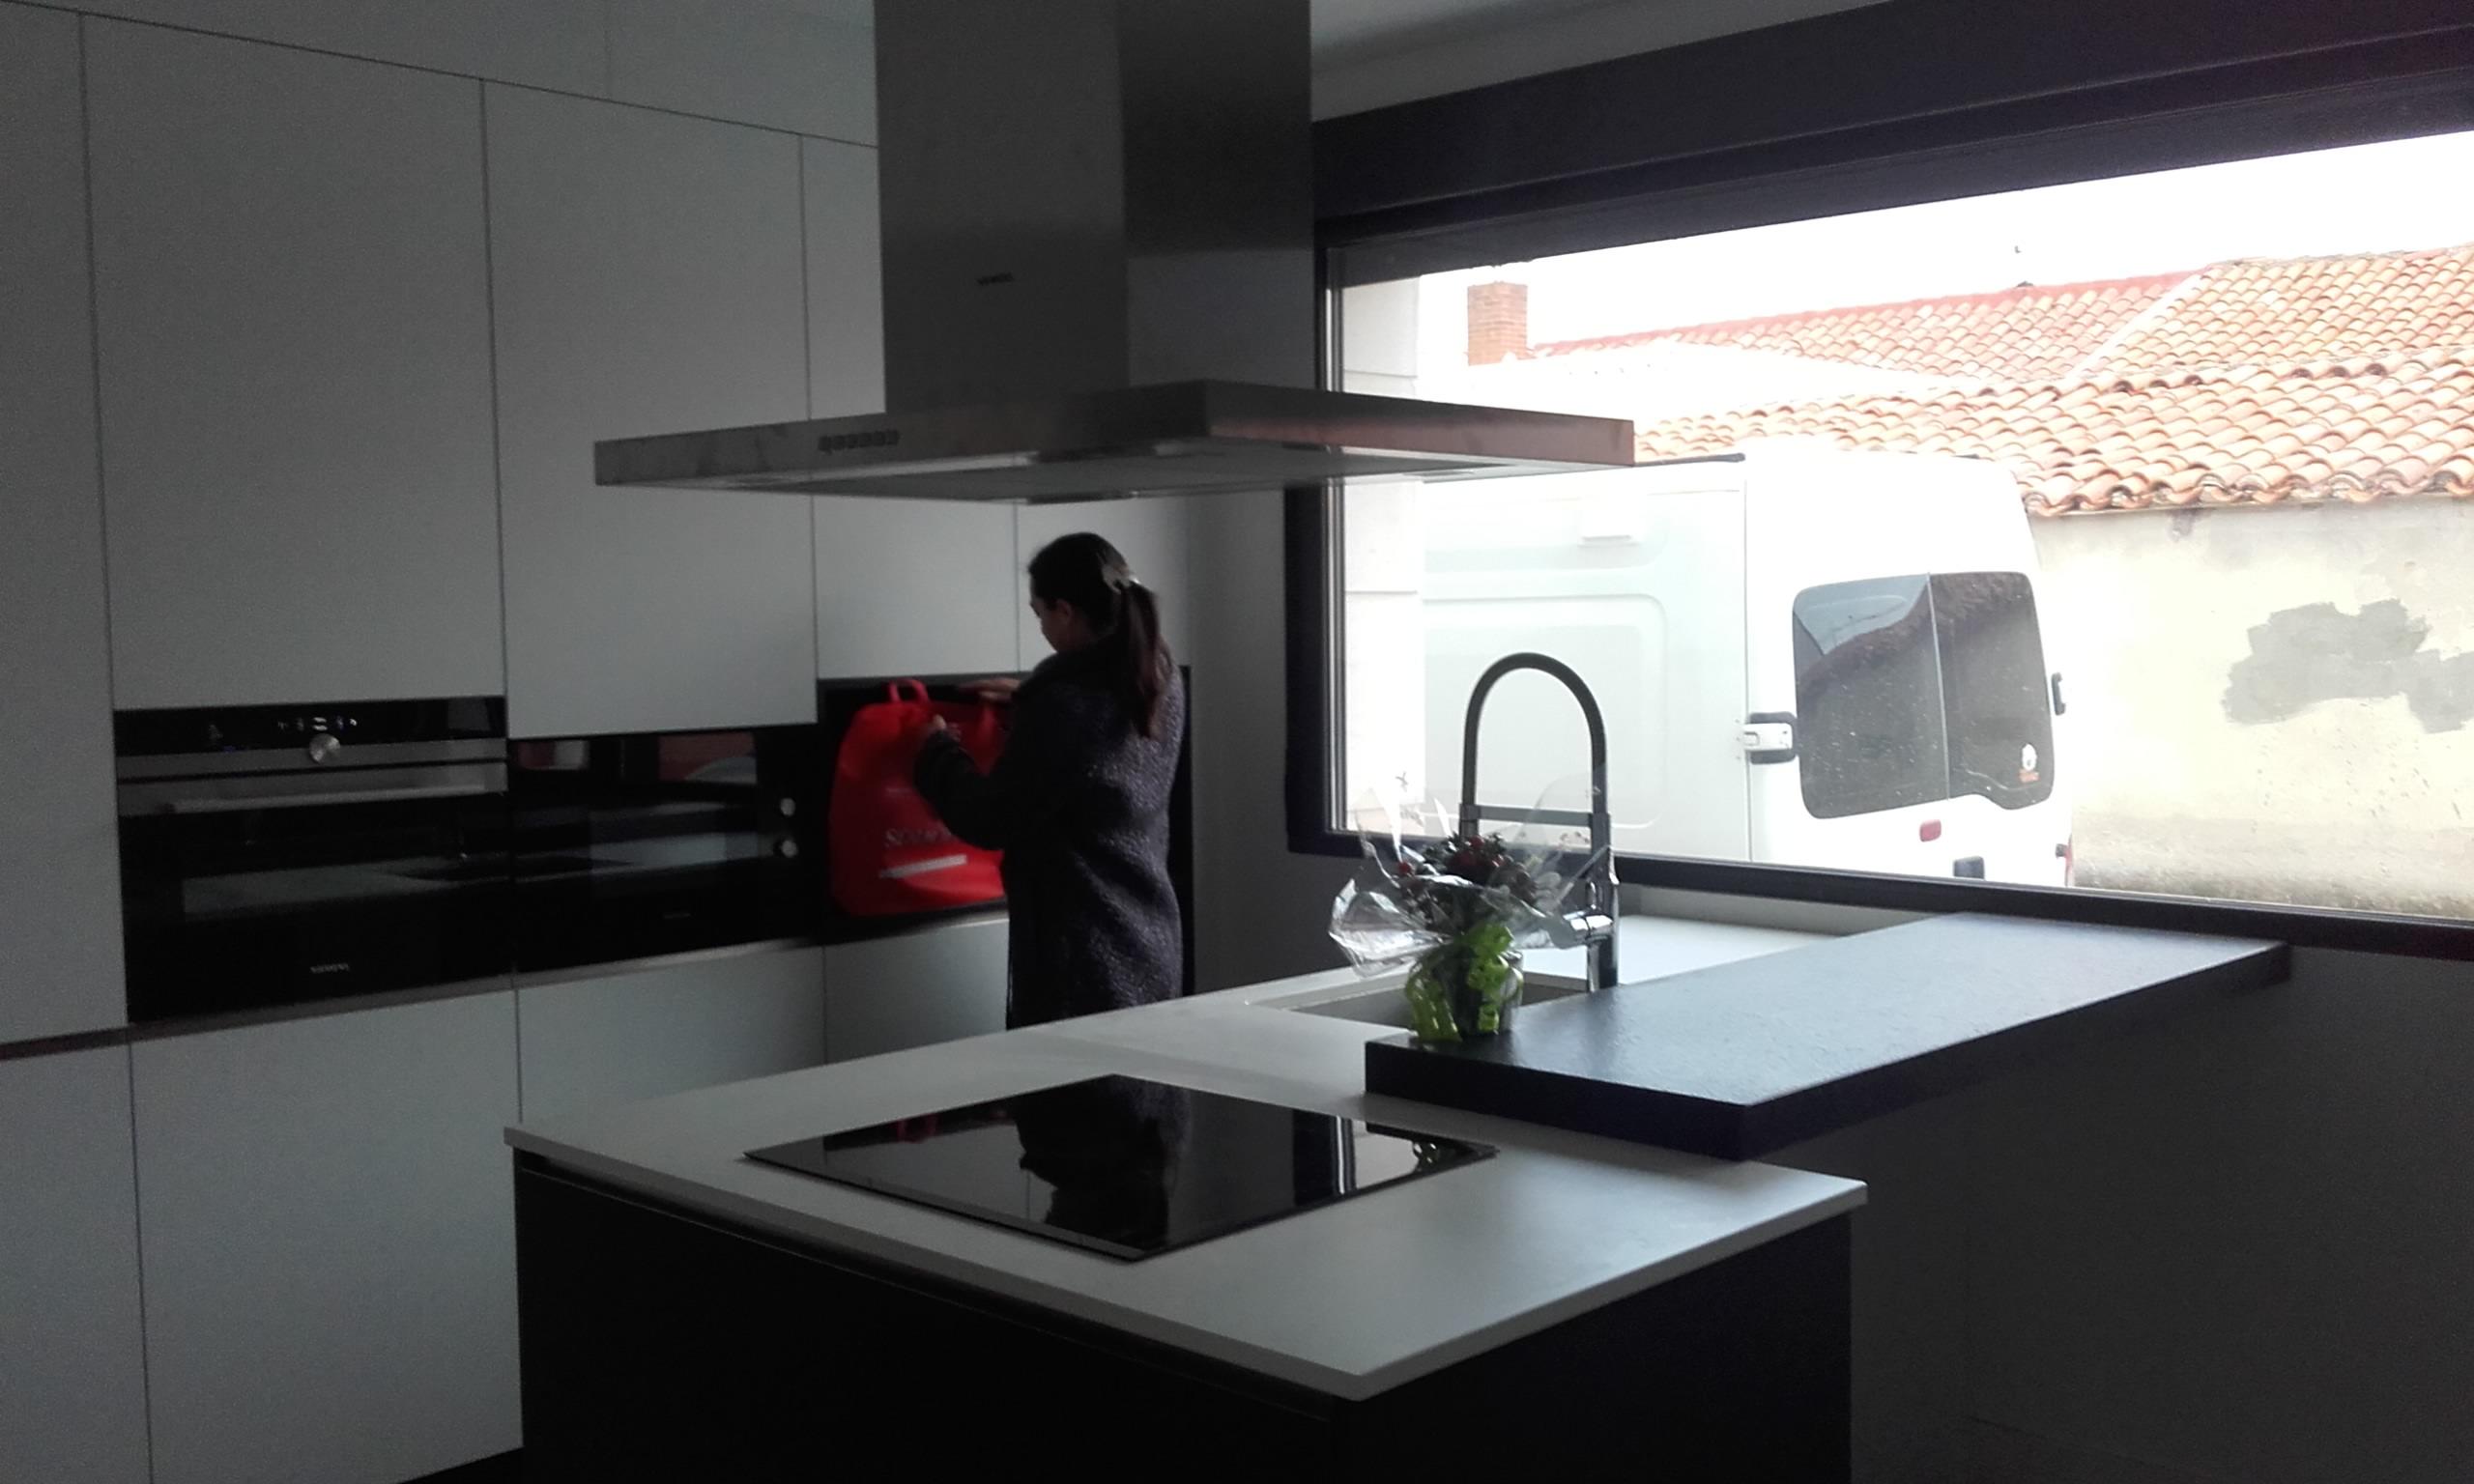 Su tienda schmidt palencia cocinas muebles de hogar ba os for Muebles de cocina worten